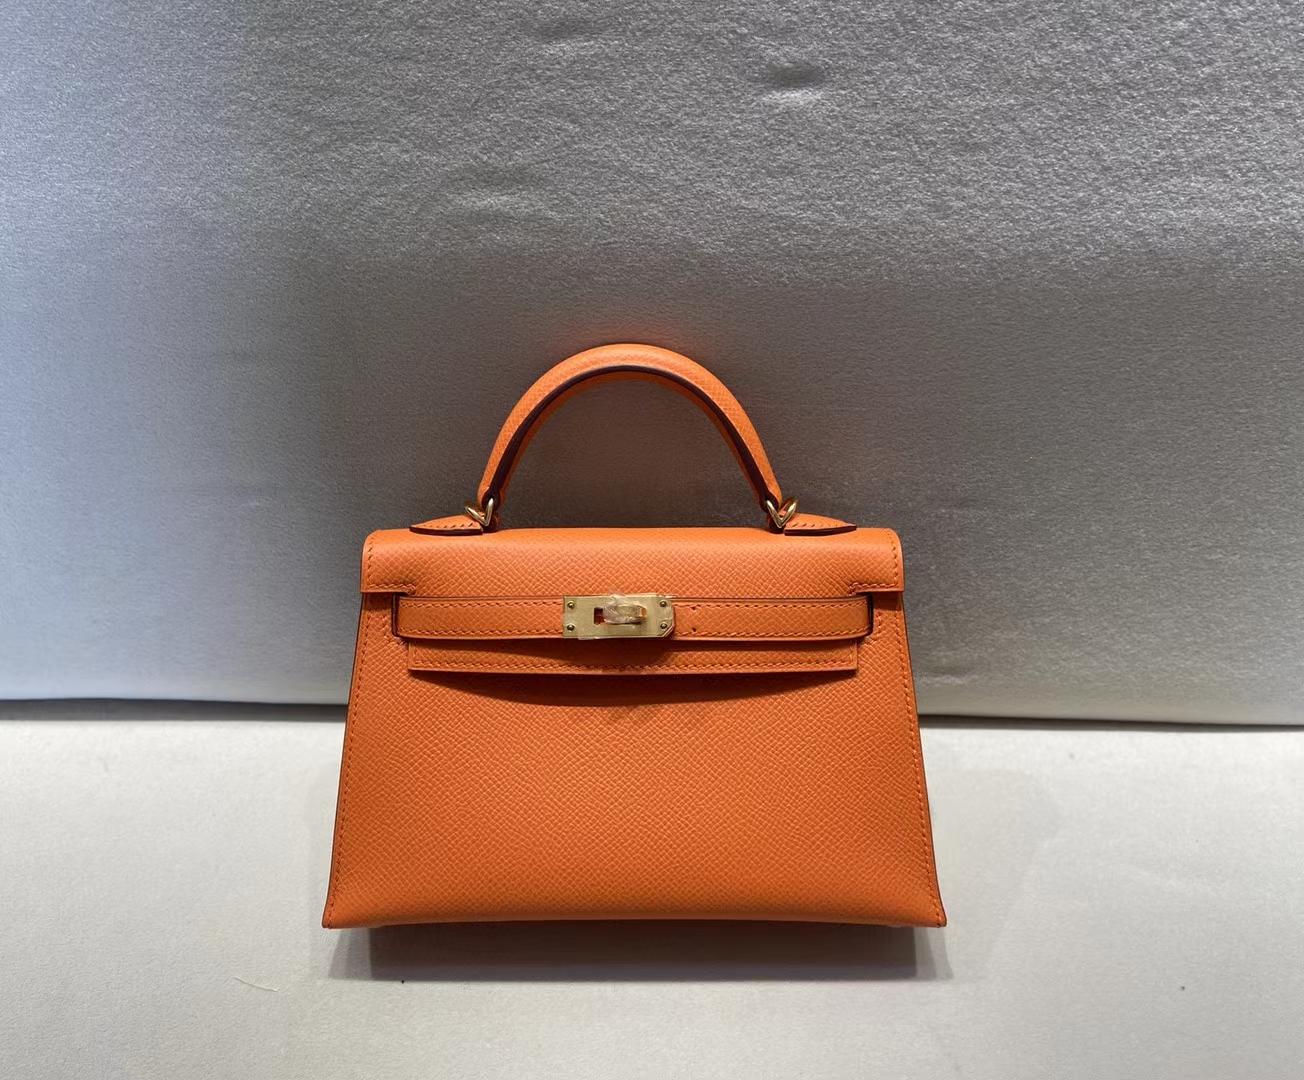 Hermès(爱马仕)miniKelly 二代 epsom 经典橙 顶级品质 现货